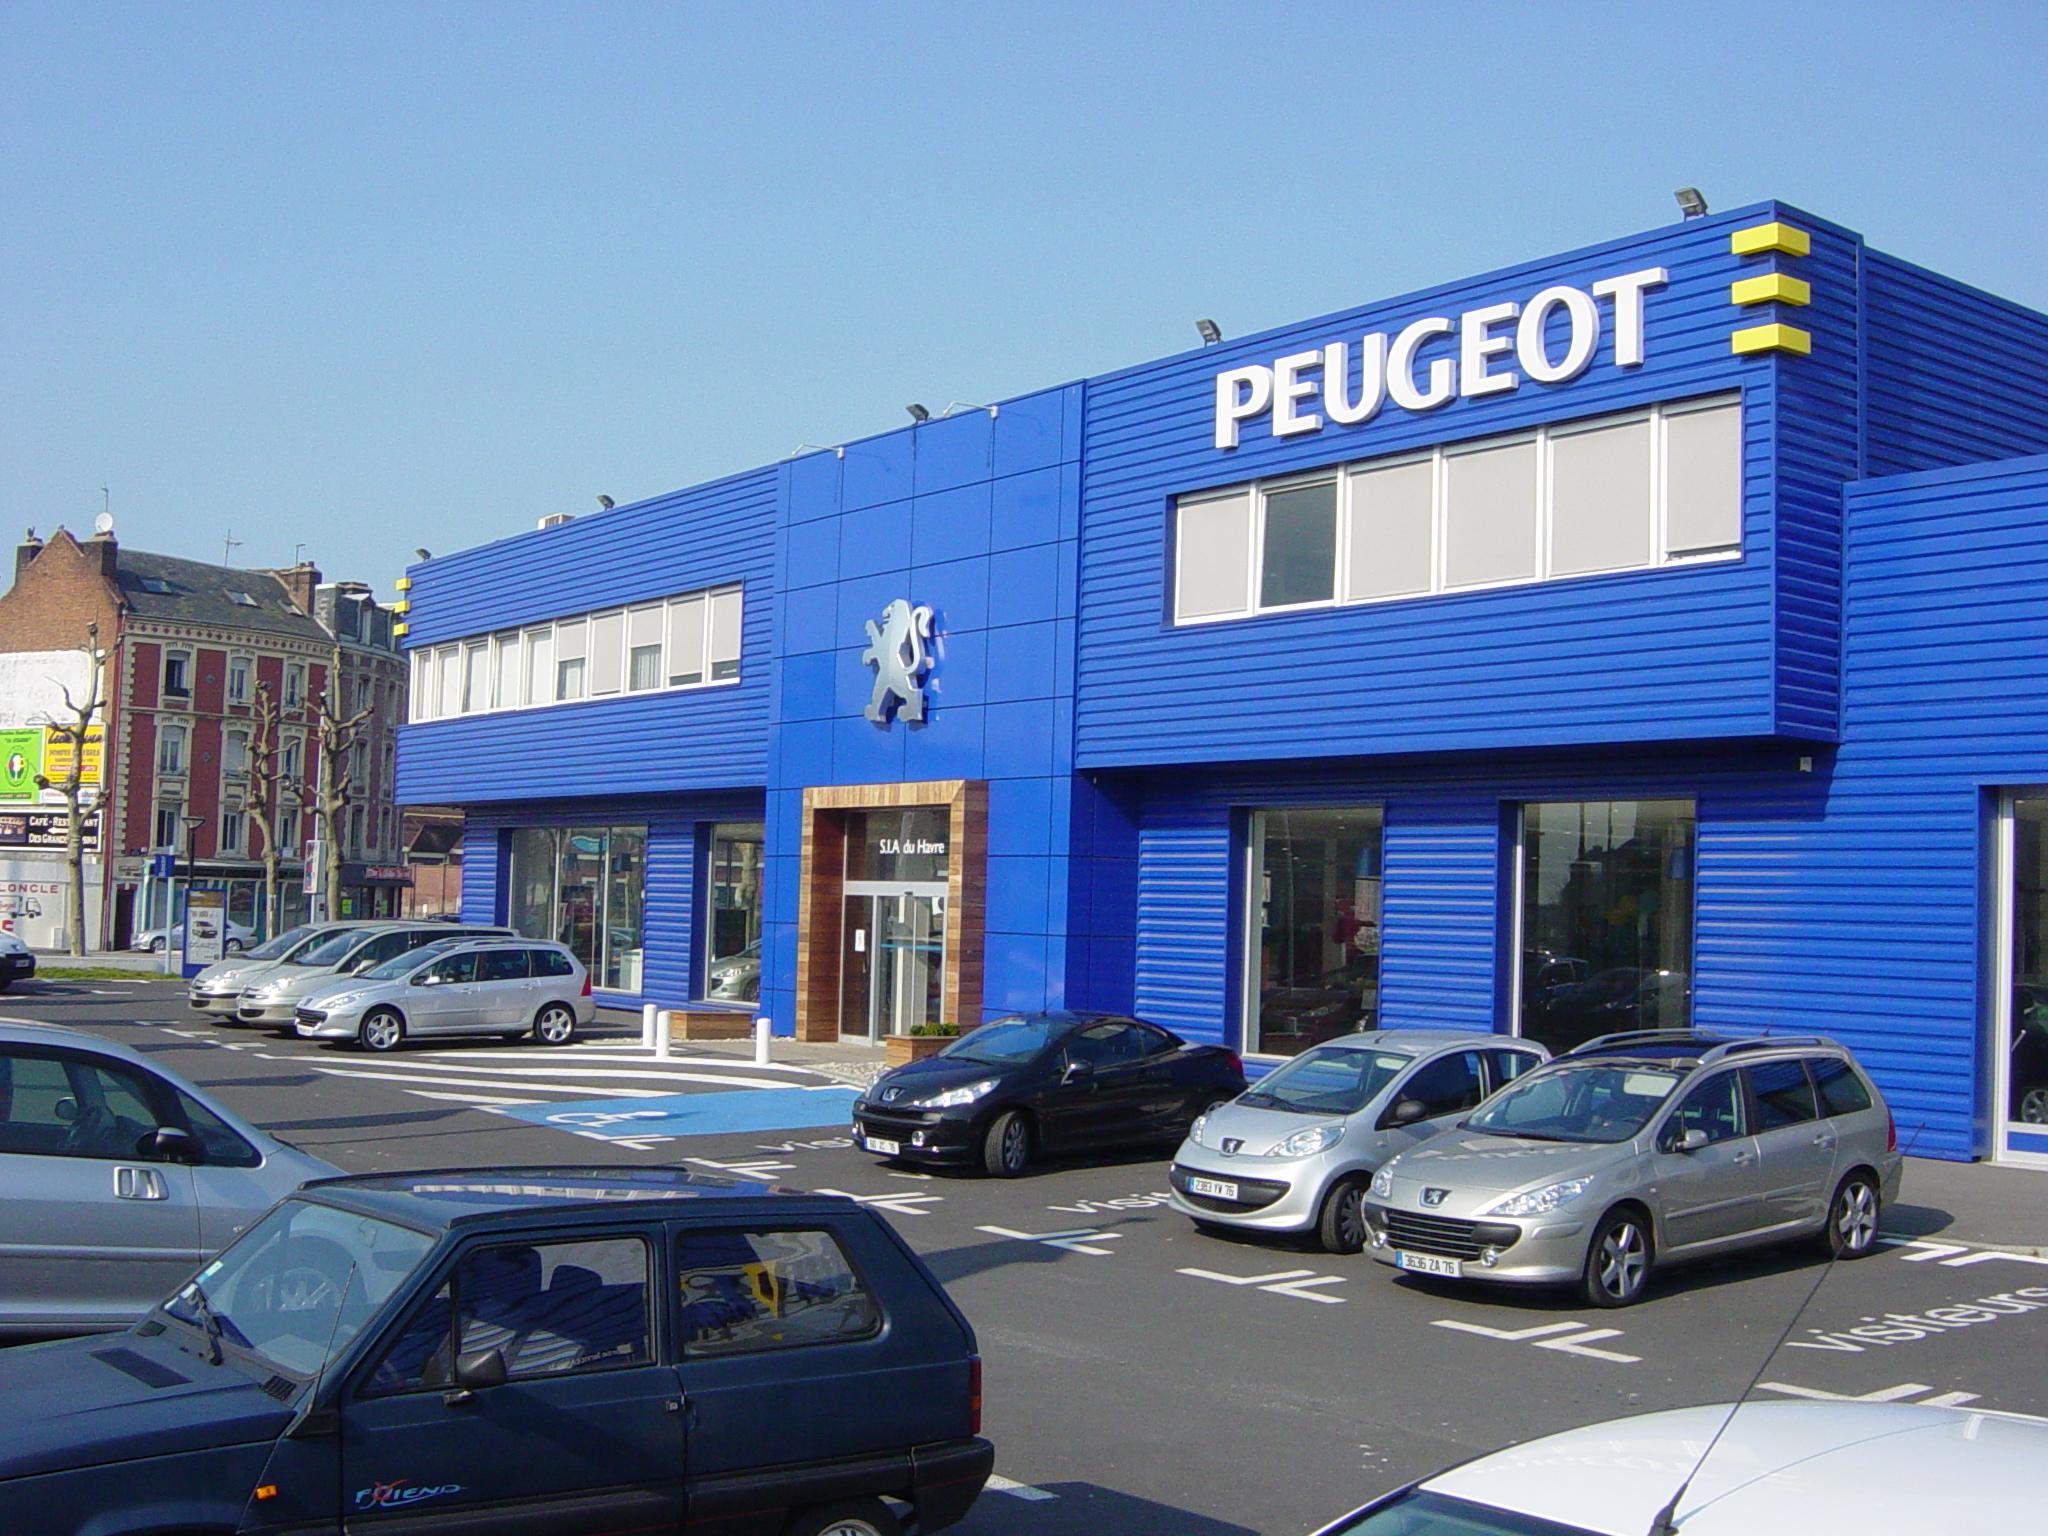 Peugeot Le Havre